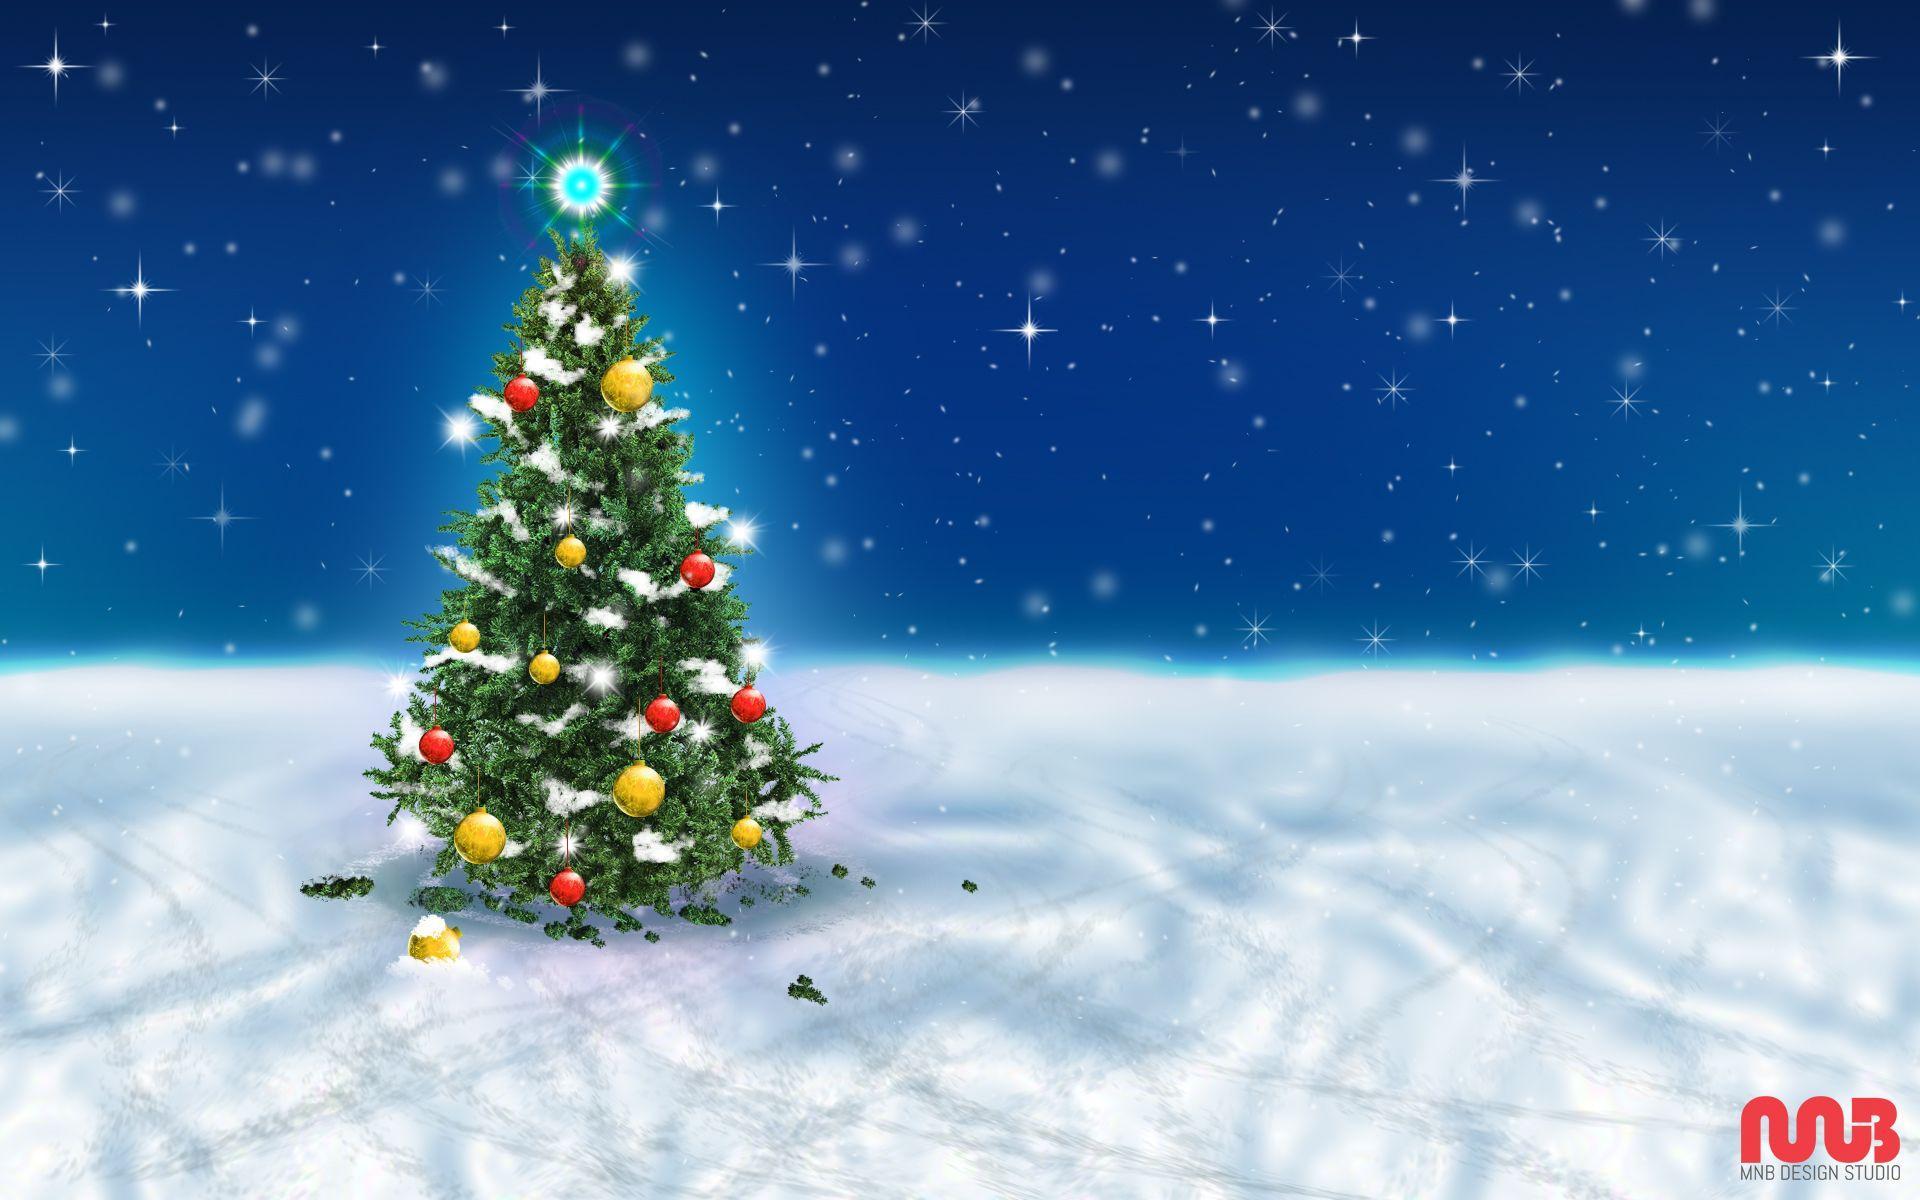 High Resolution Christmas Desktop Wallpapers Top Free High Resolution Christmas Desktop Backgrounds Wallpaperaccess